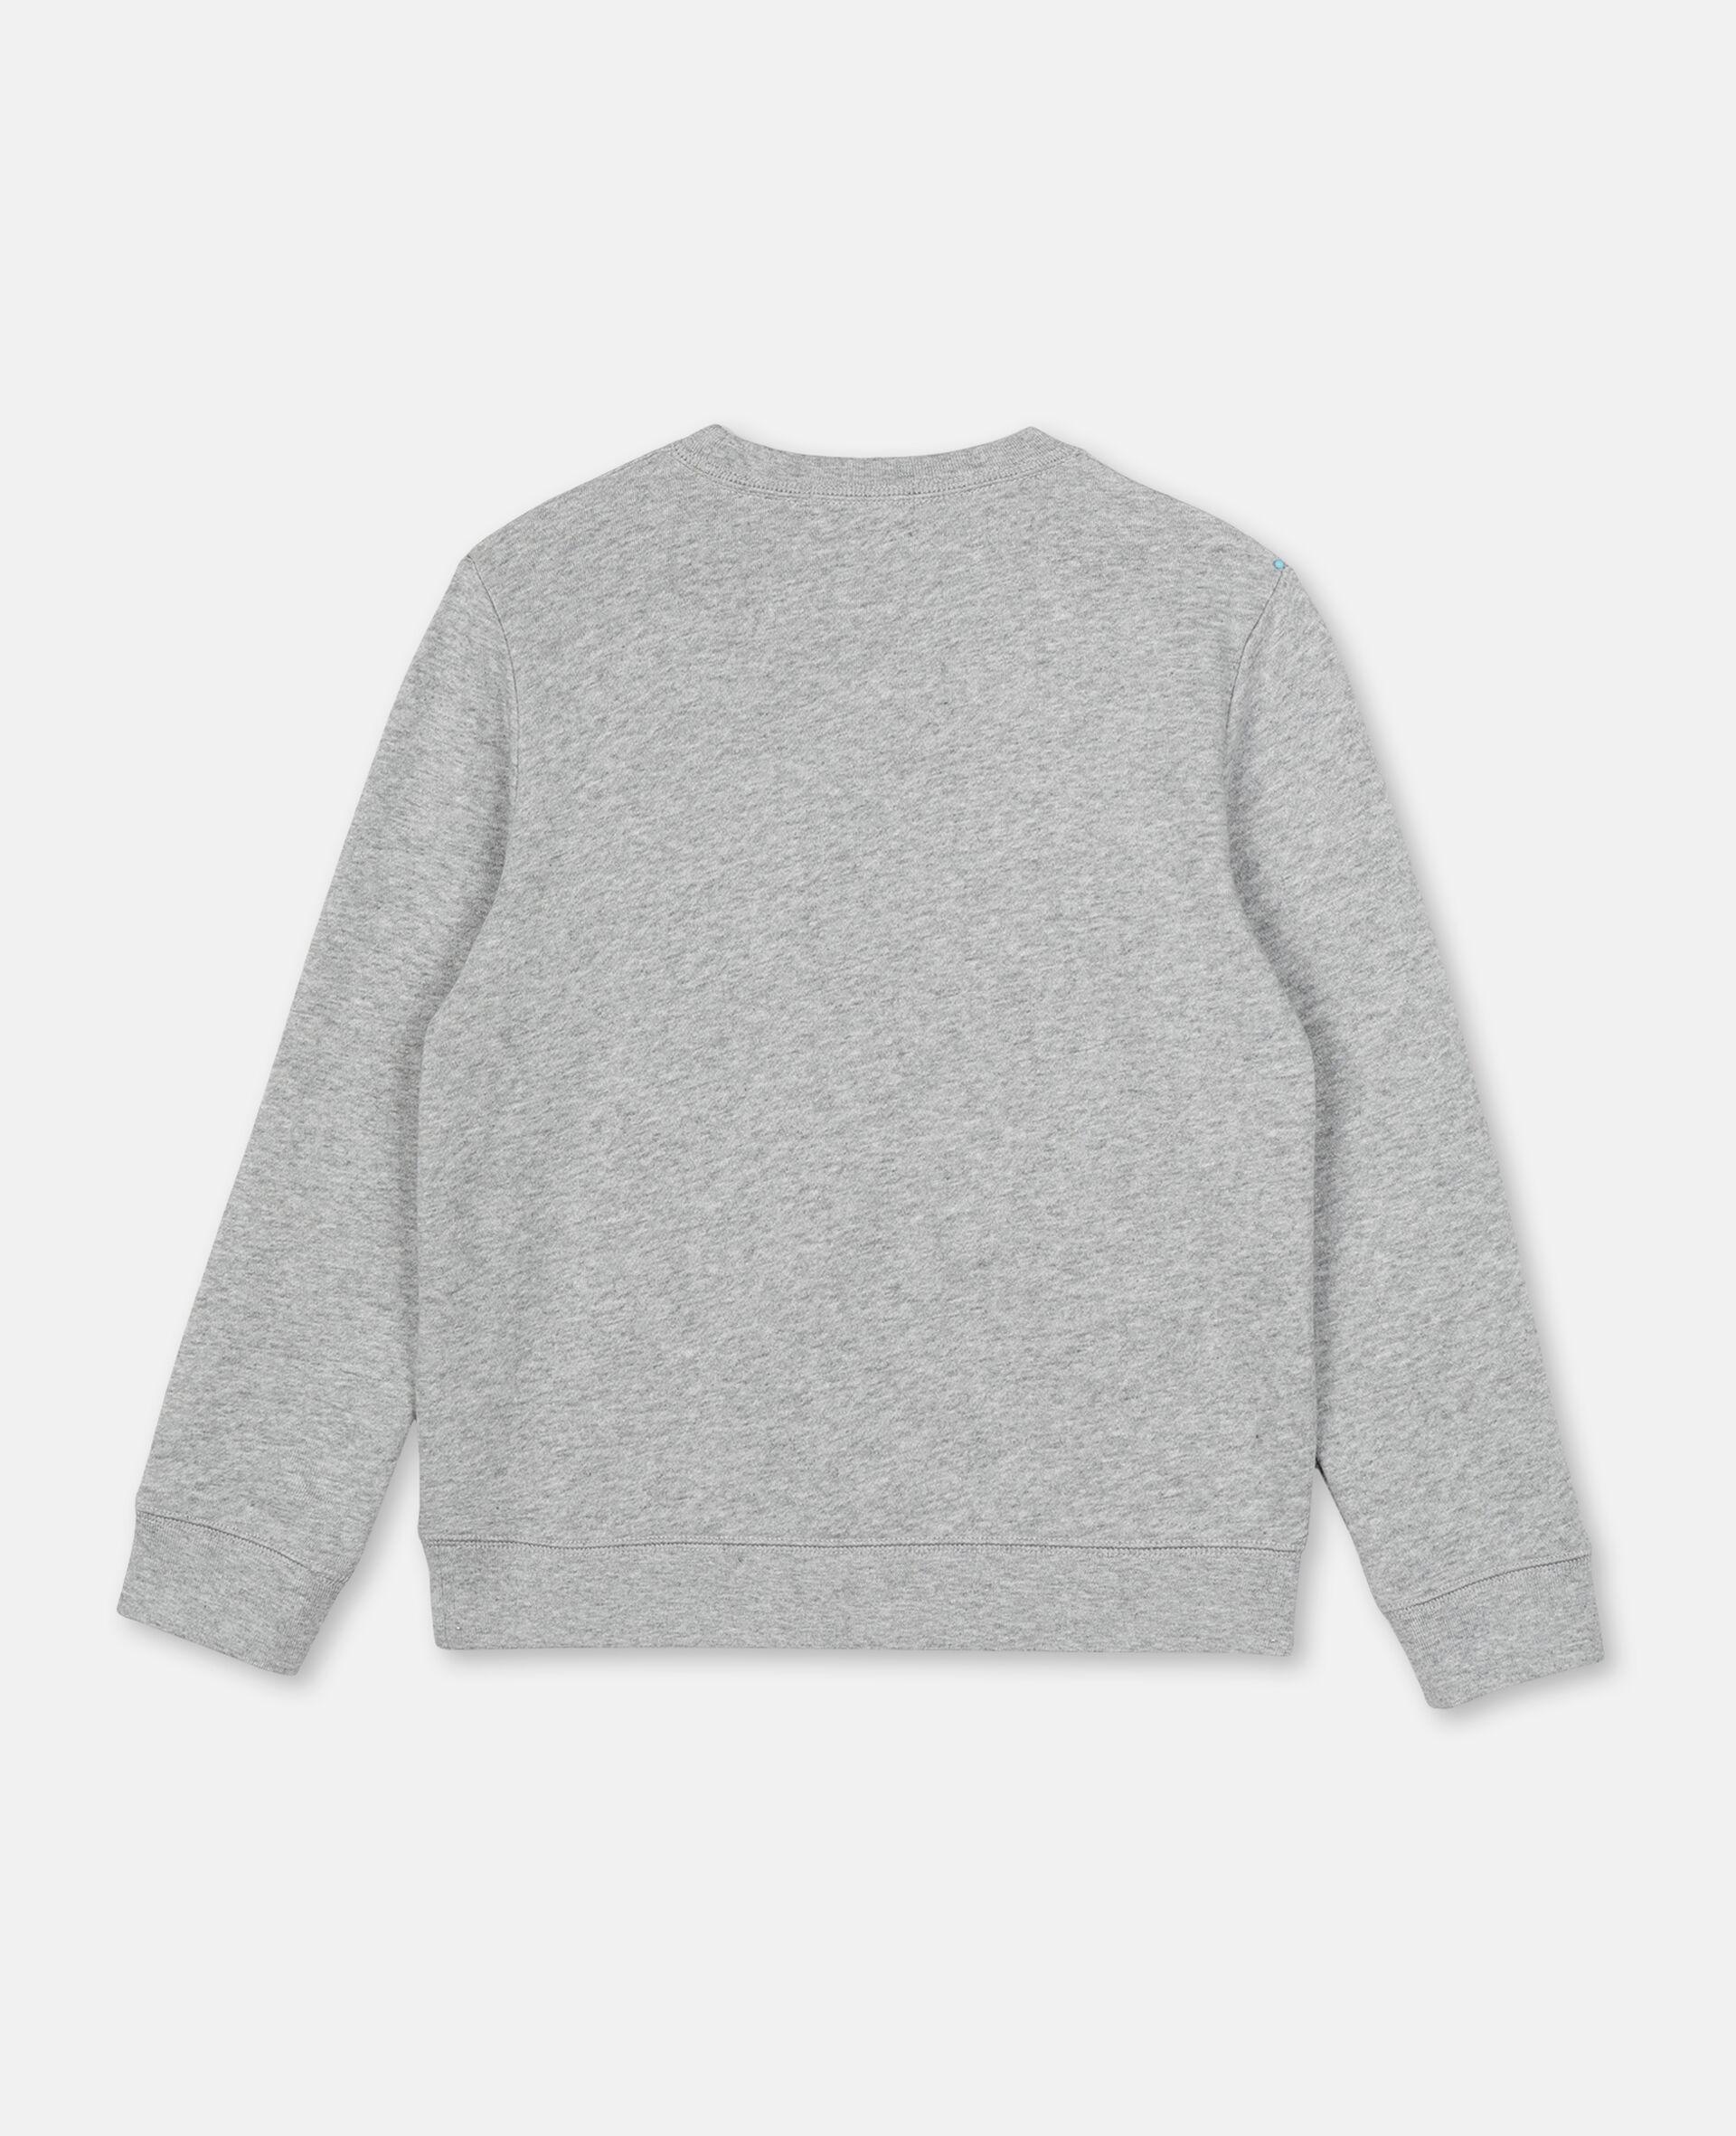 Baumwollsweatshirt mit Piraten-Print -Grau-large image number 3